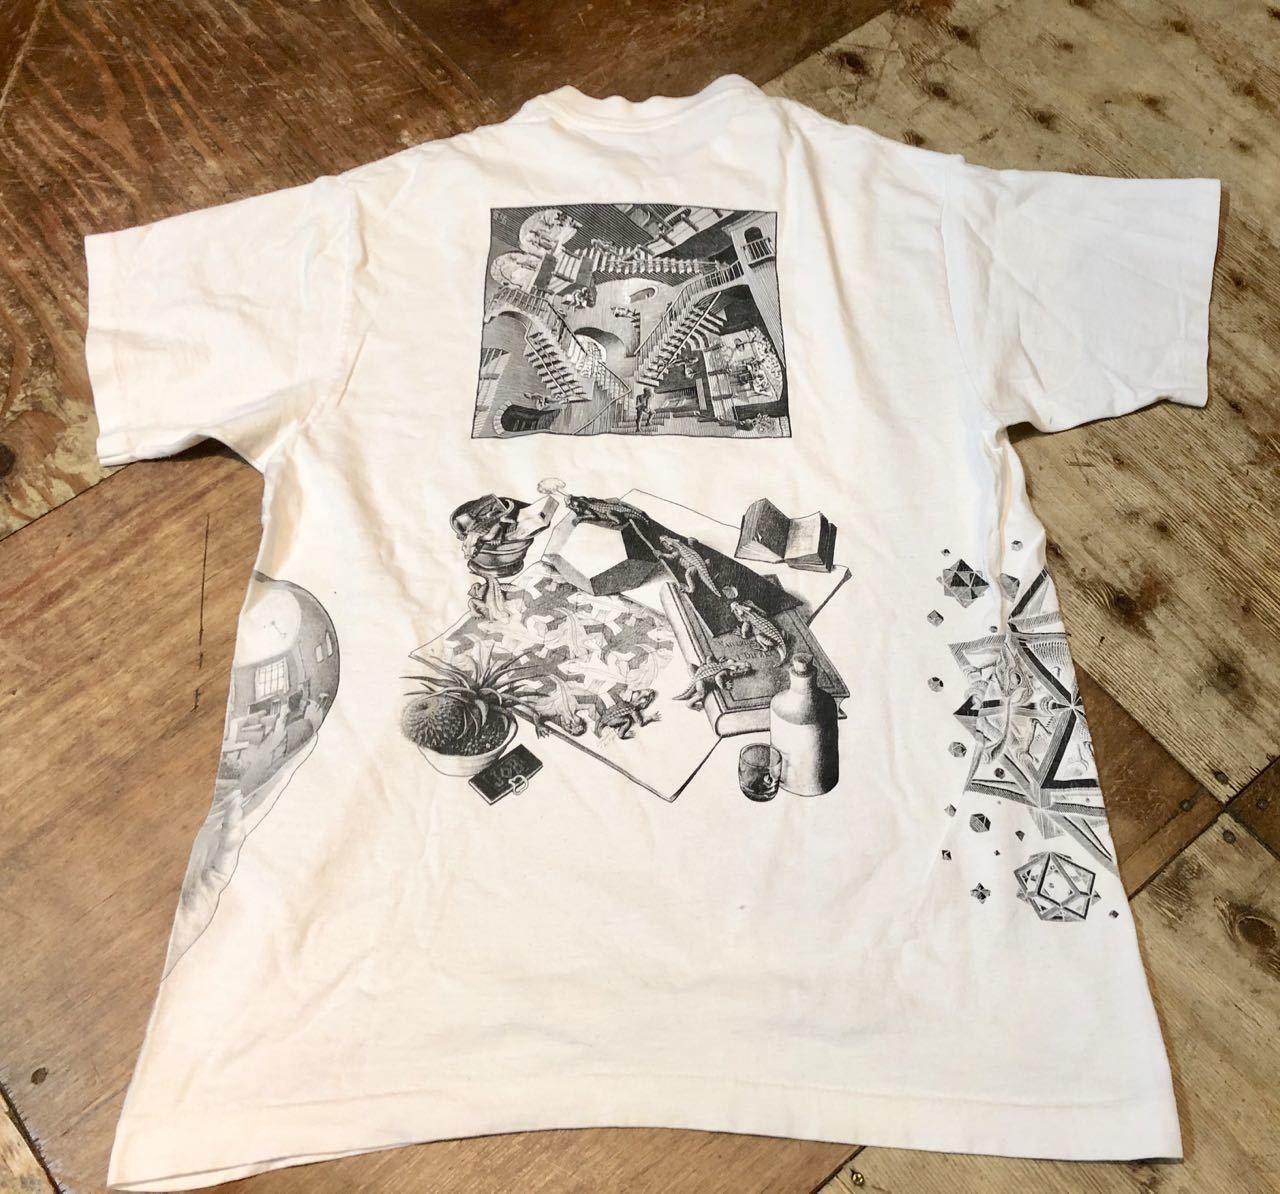 6月13日(土)入荷!90s アメリカ製 ESCHER  エッシャー だまし絵 アートTシャツ!_c0144020_13425404.jpg